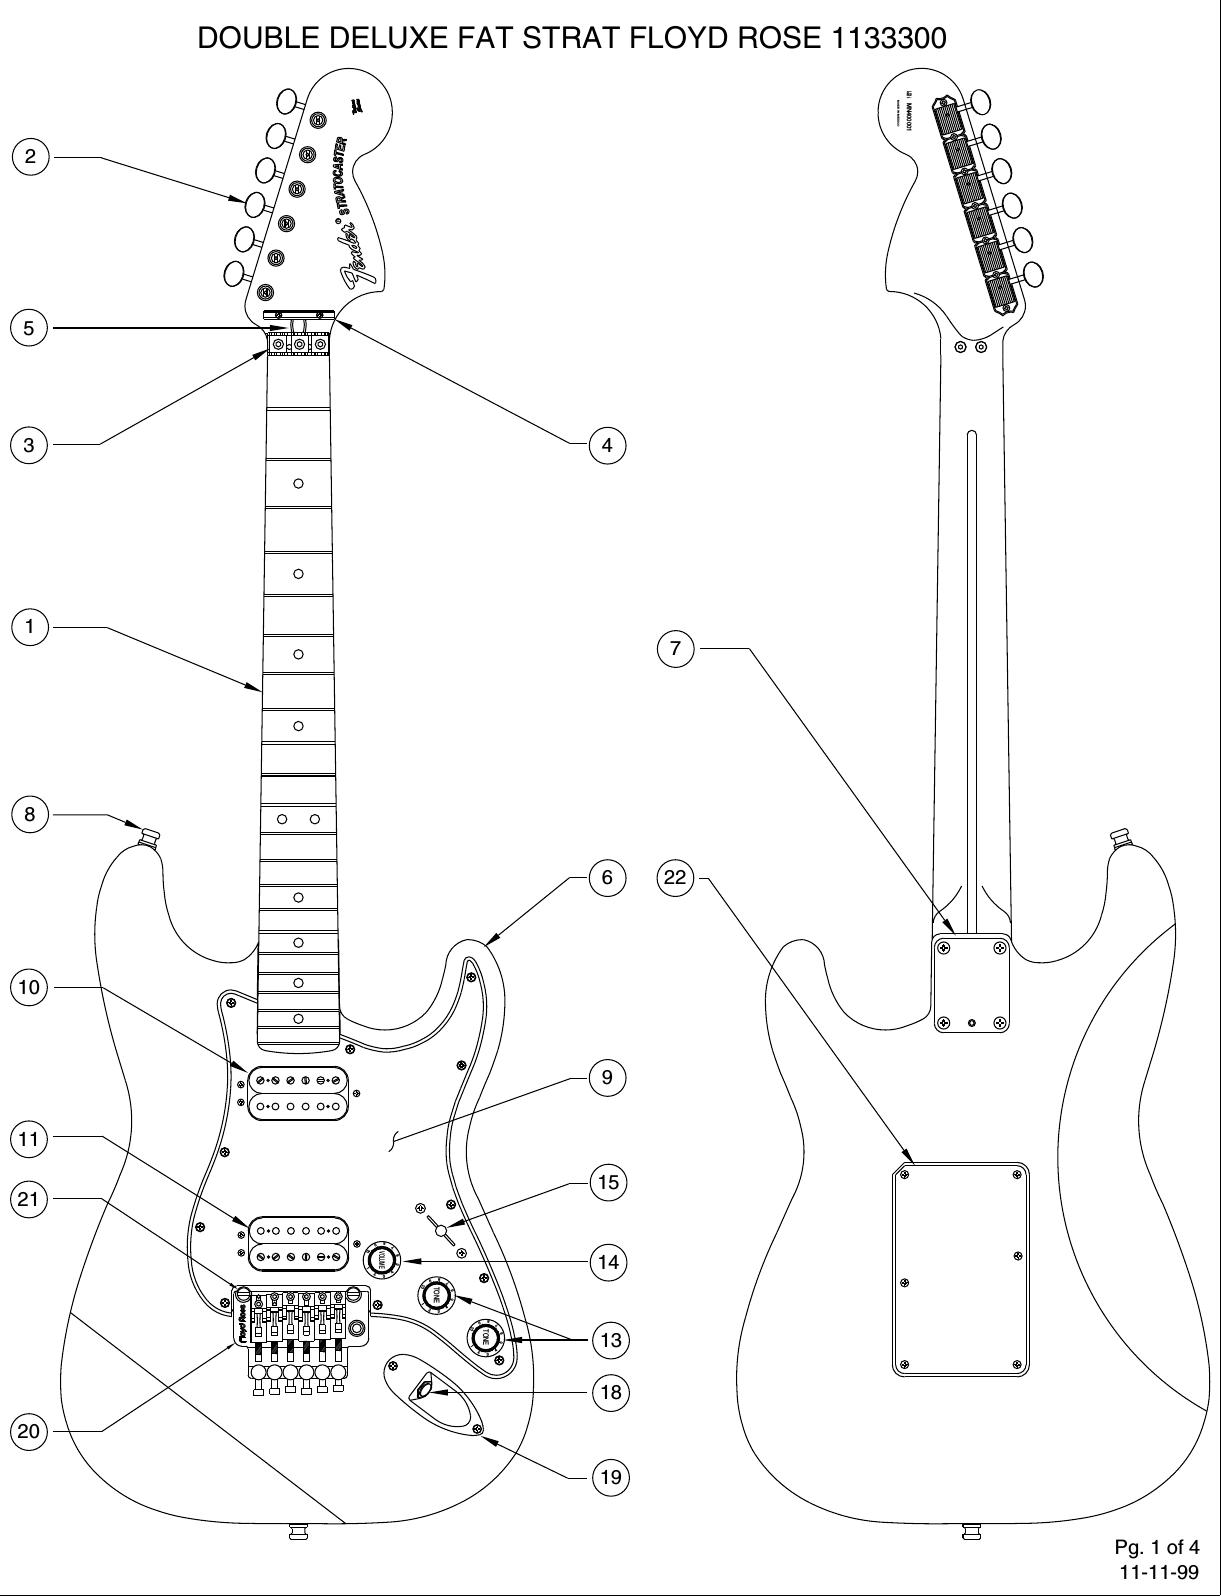 Fender 113 3300b Sisd Floyd Rose Diagram